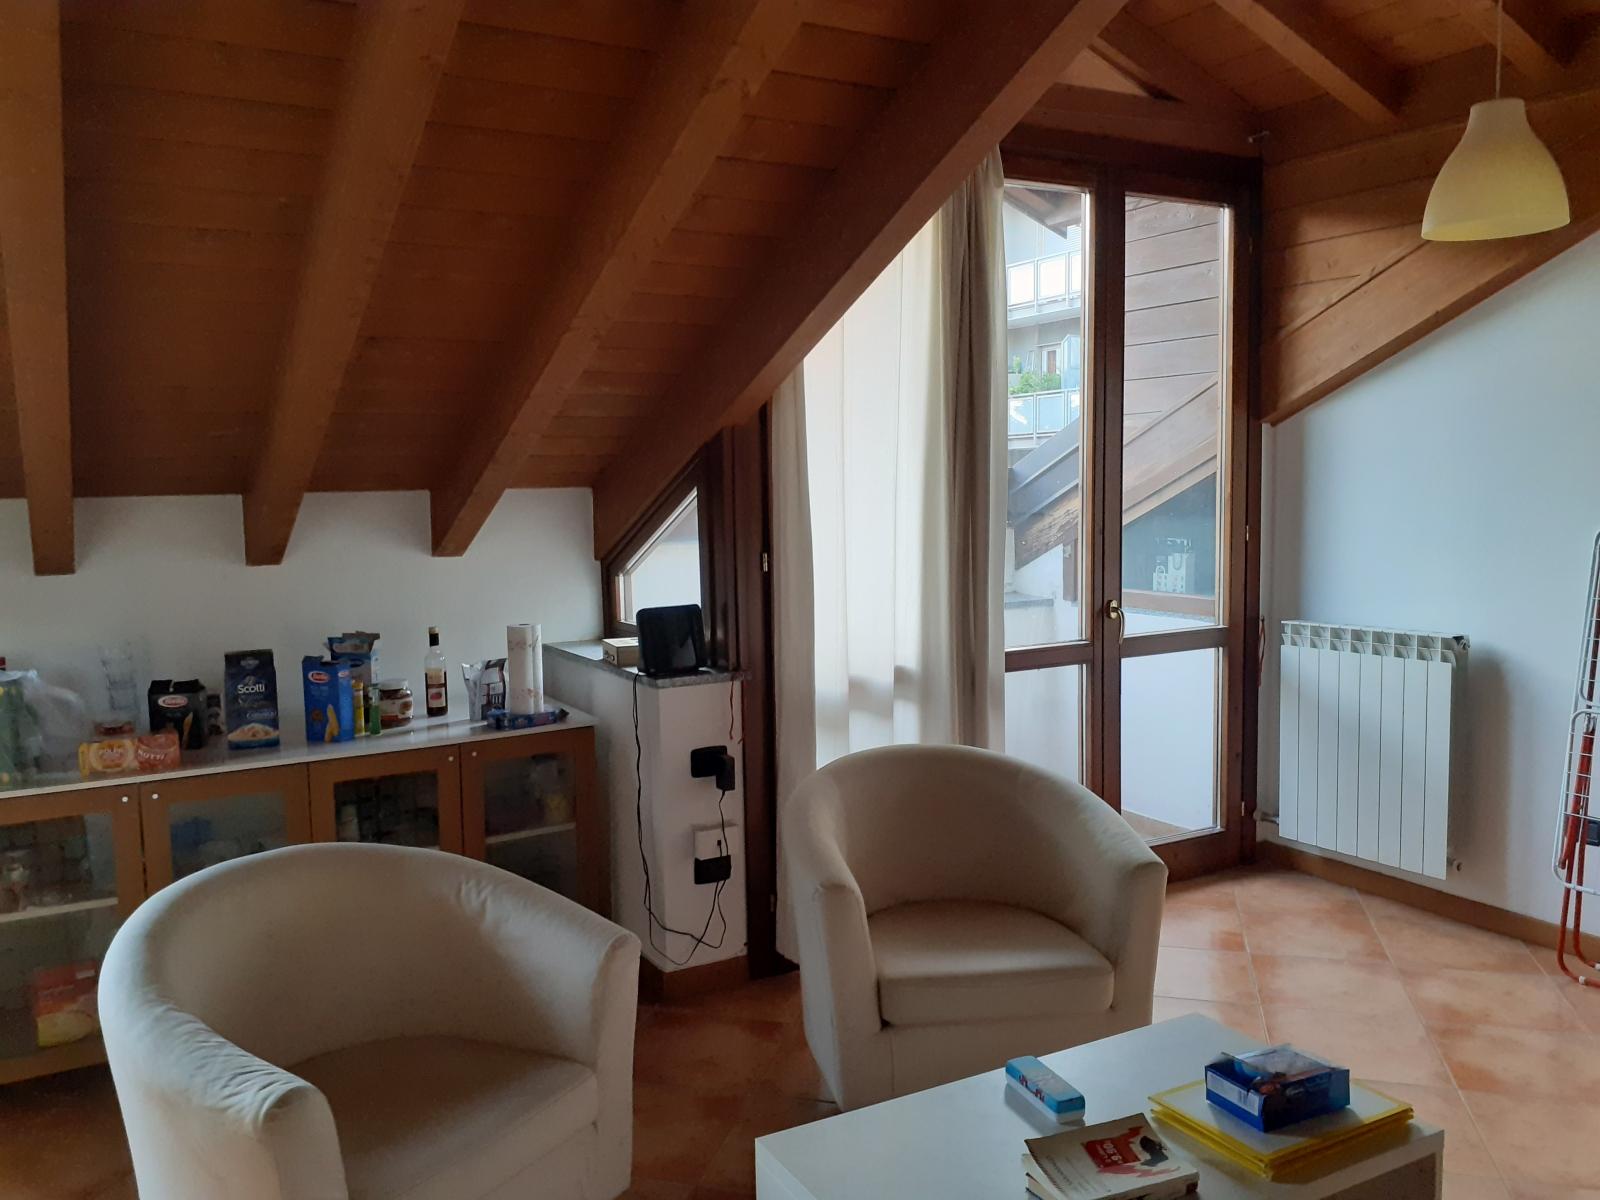 appartamento-in-vendita-a-rho-mansarda-2-3-locali-spaziourbano-immobiliere-vende-12